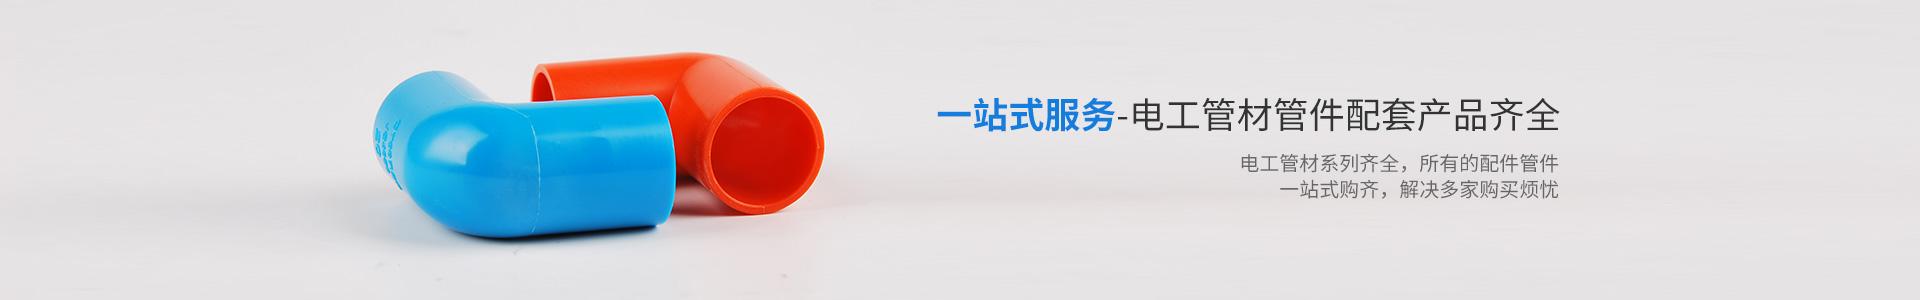 一站式服务-电工管材管件配套产品齐全-材通管业